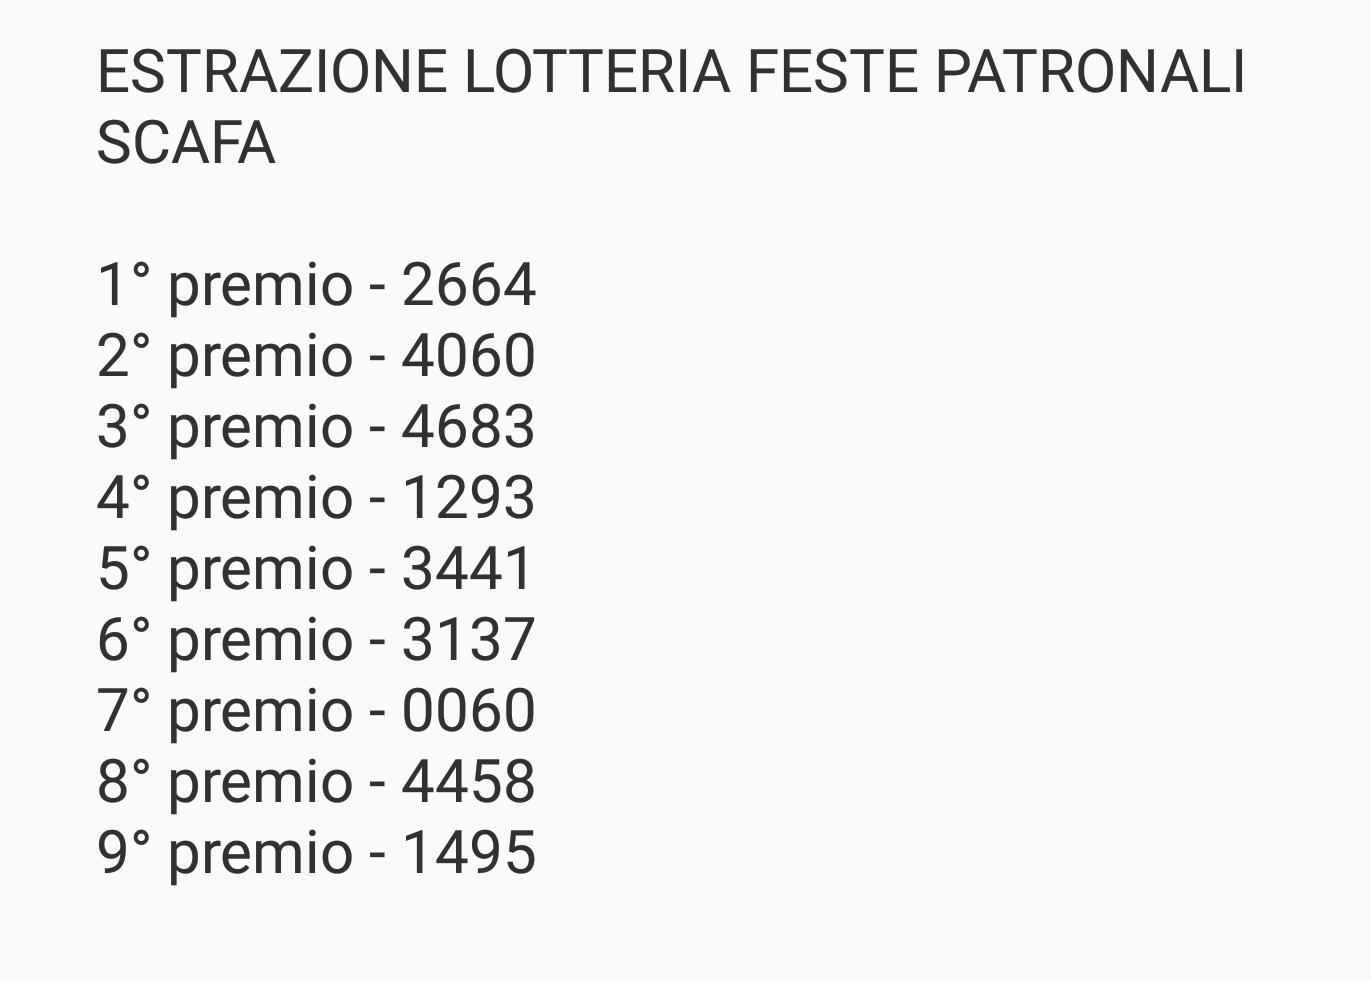 Estrazione lotteria feste patronali Scafa anno 2017